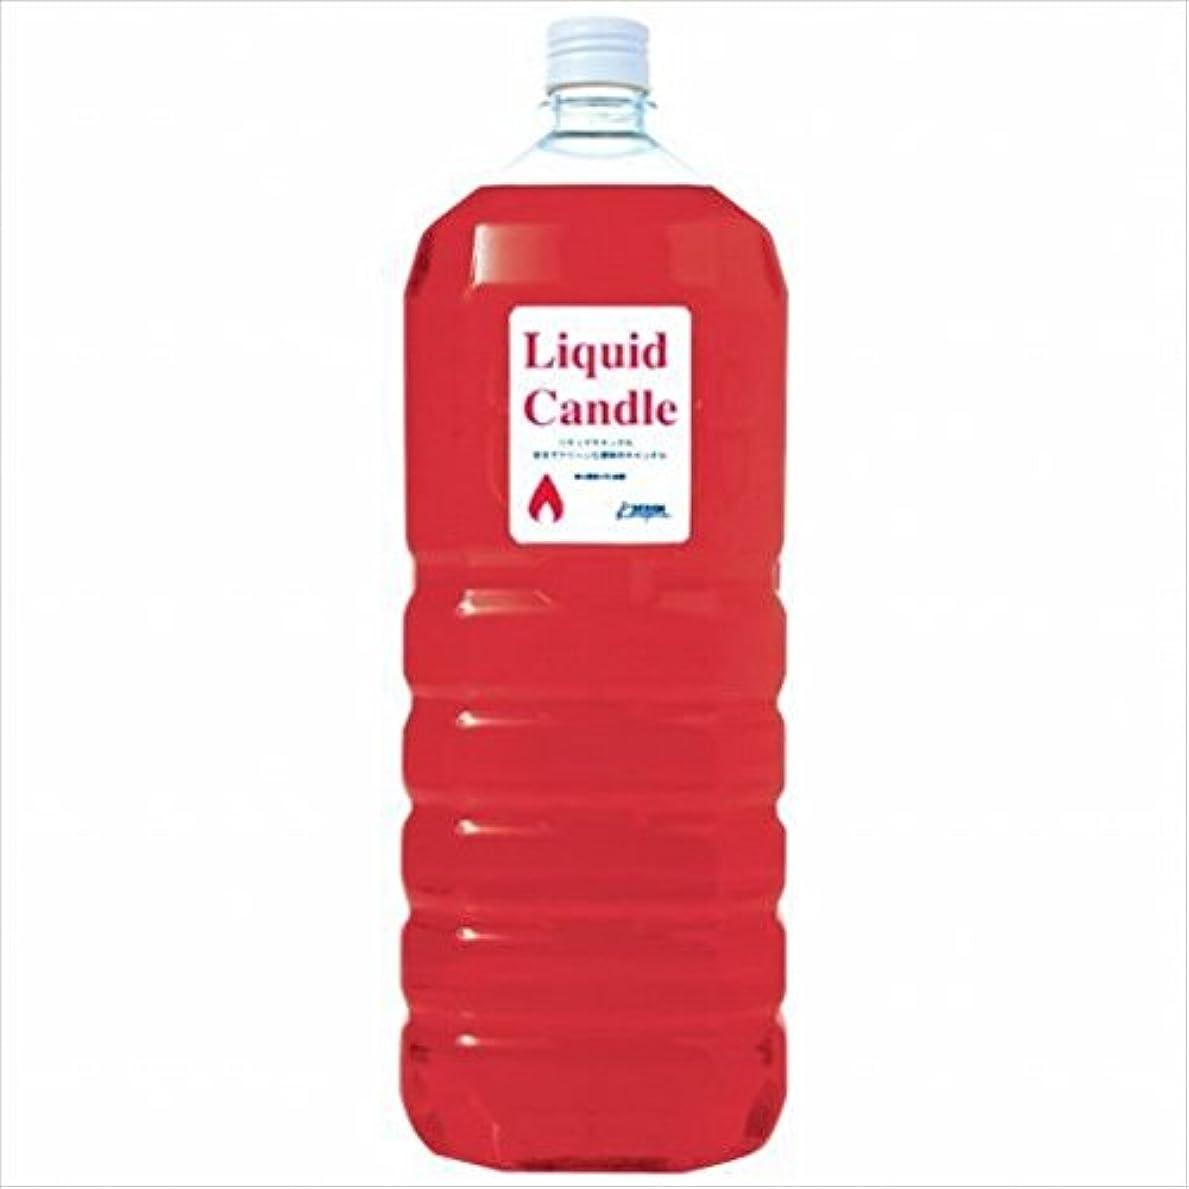 みなす理想的フォークカメヤマキャンドル( kameyama candle ) リキッドキャンドル2リットル 「 レッド 」